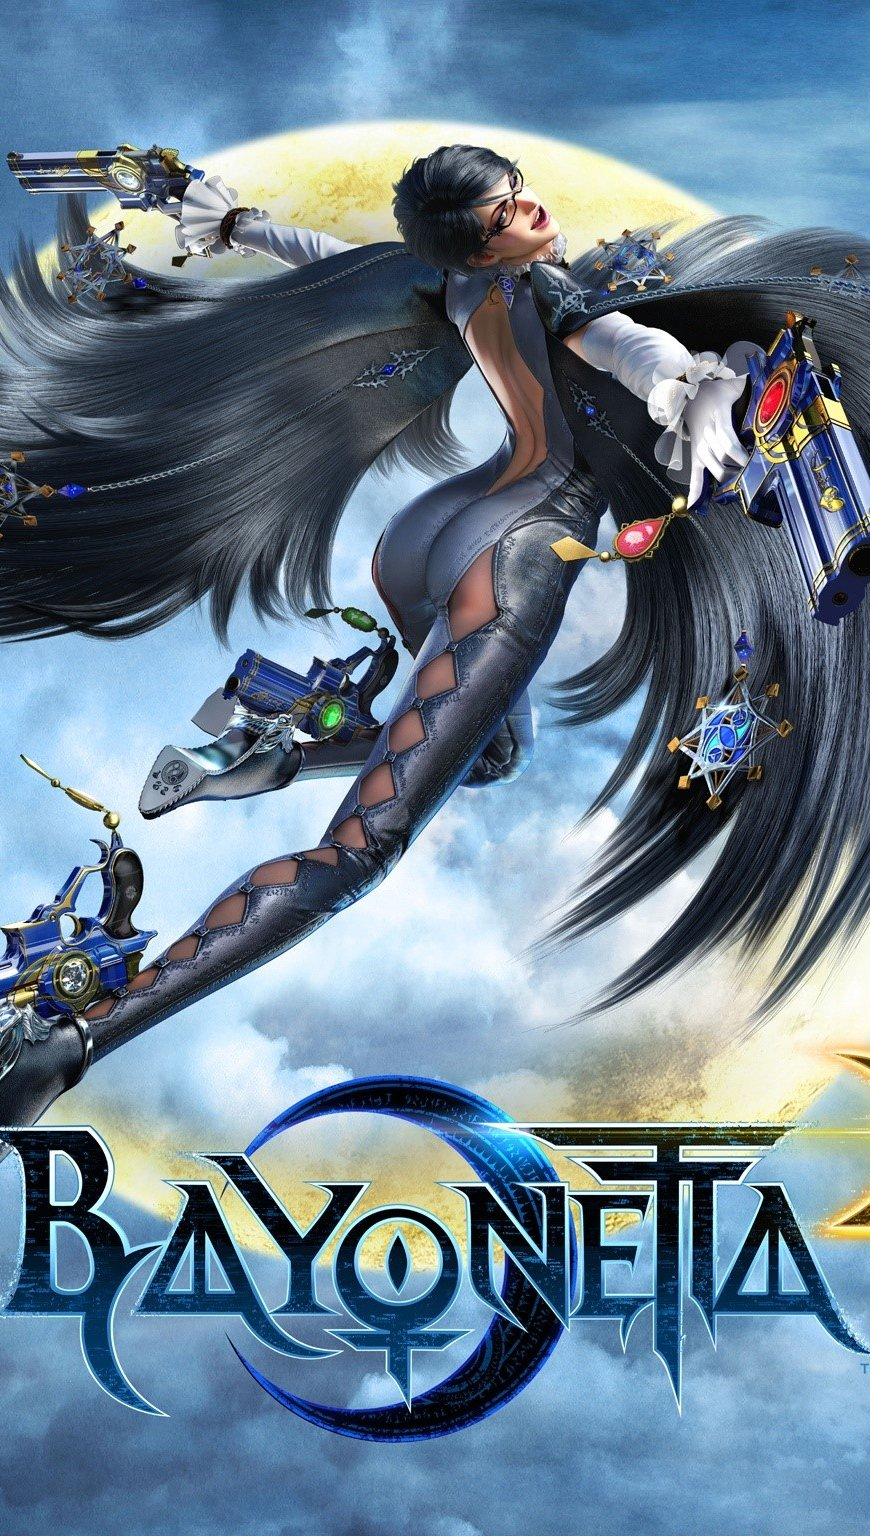 Fondos de pantalla Bayonetta 2 Vertical